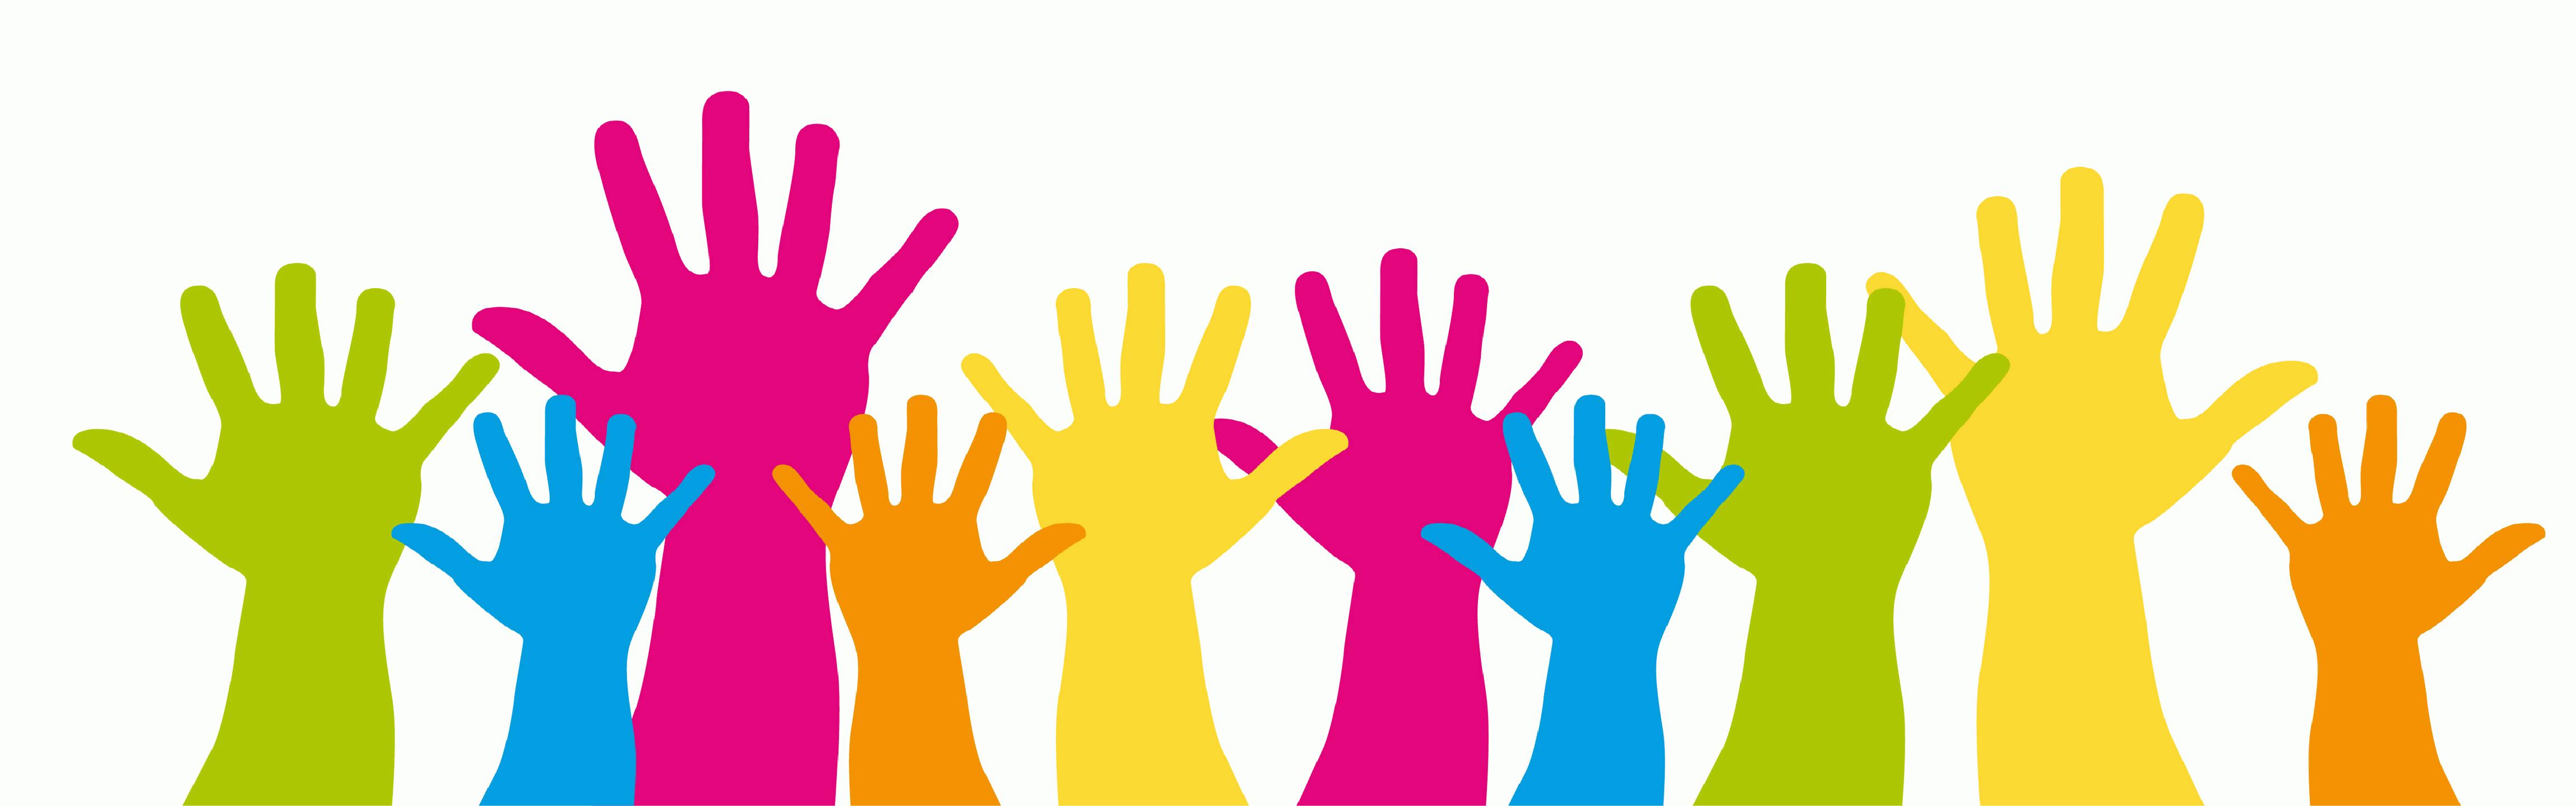 hands volunteer